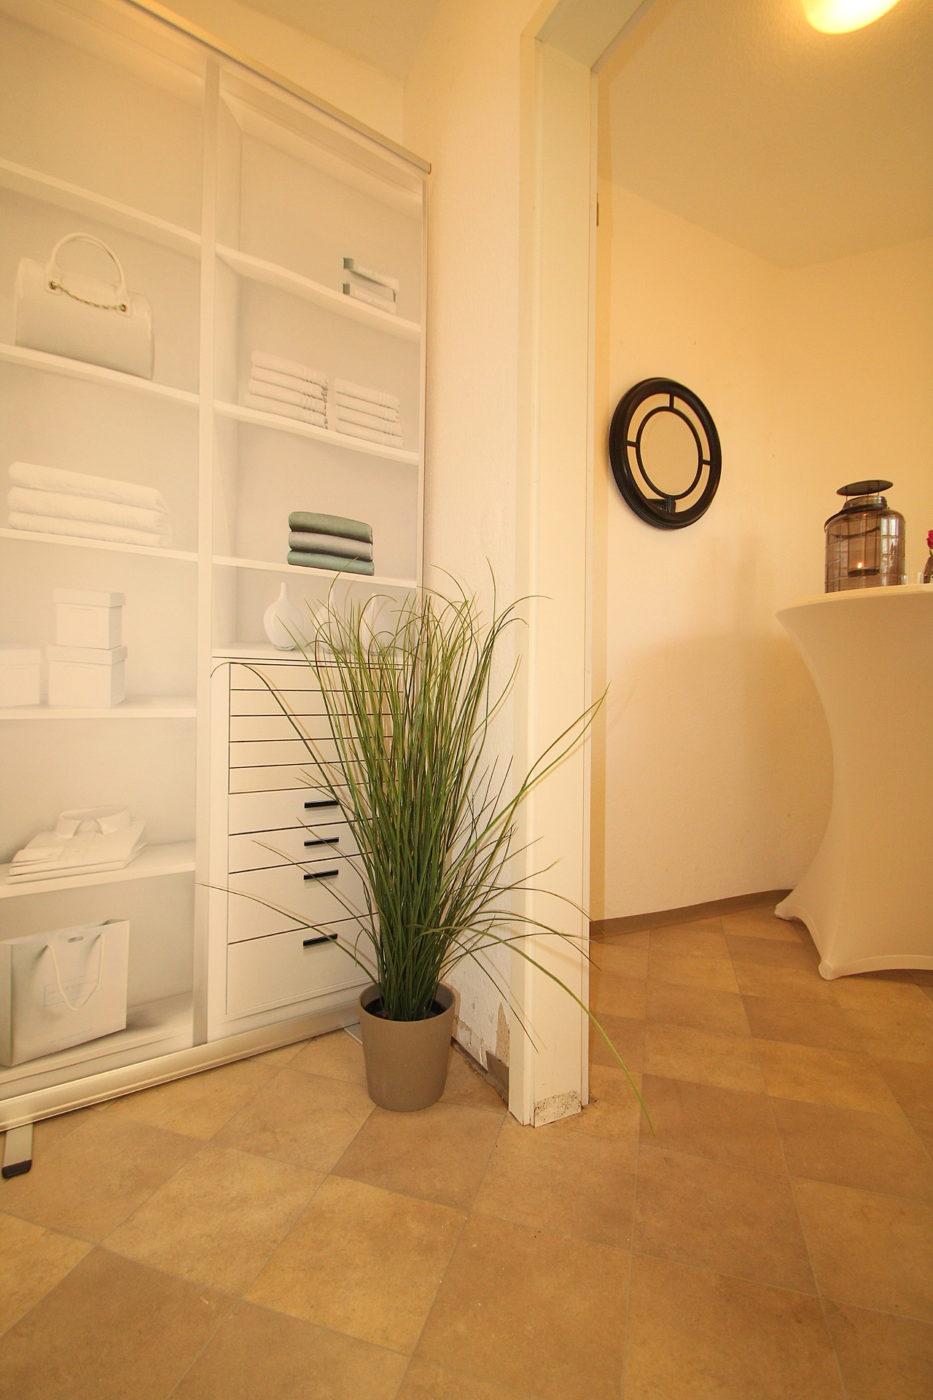 Home Staging Nachher Foto eines kleinen Abstellraumes. Hier wird dem Betrachter gezeigt, daß man auch kleine Räume optisch aufwerten kann. In unserem Fall wurde eine Garderobe angedeutet bzw. Stauraummöglichkeiten aufgezeigt